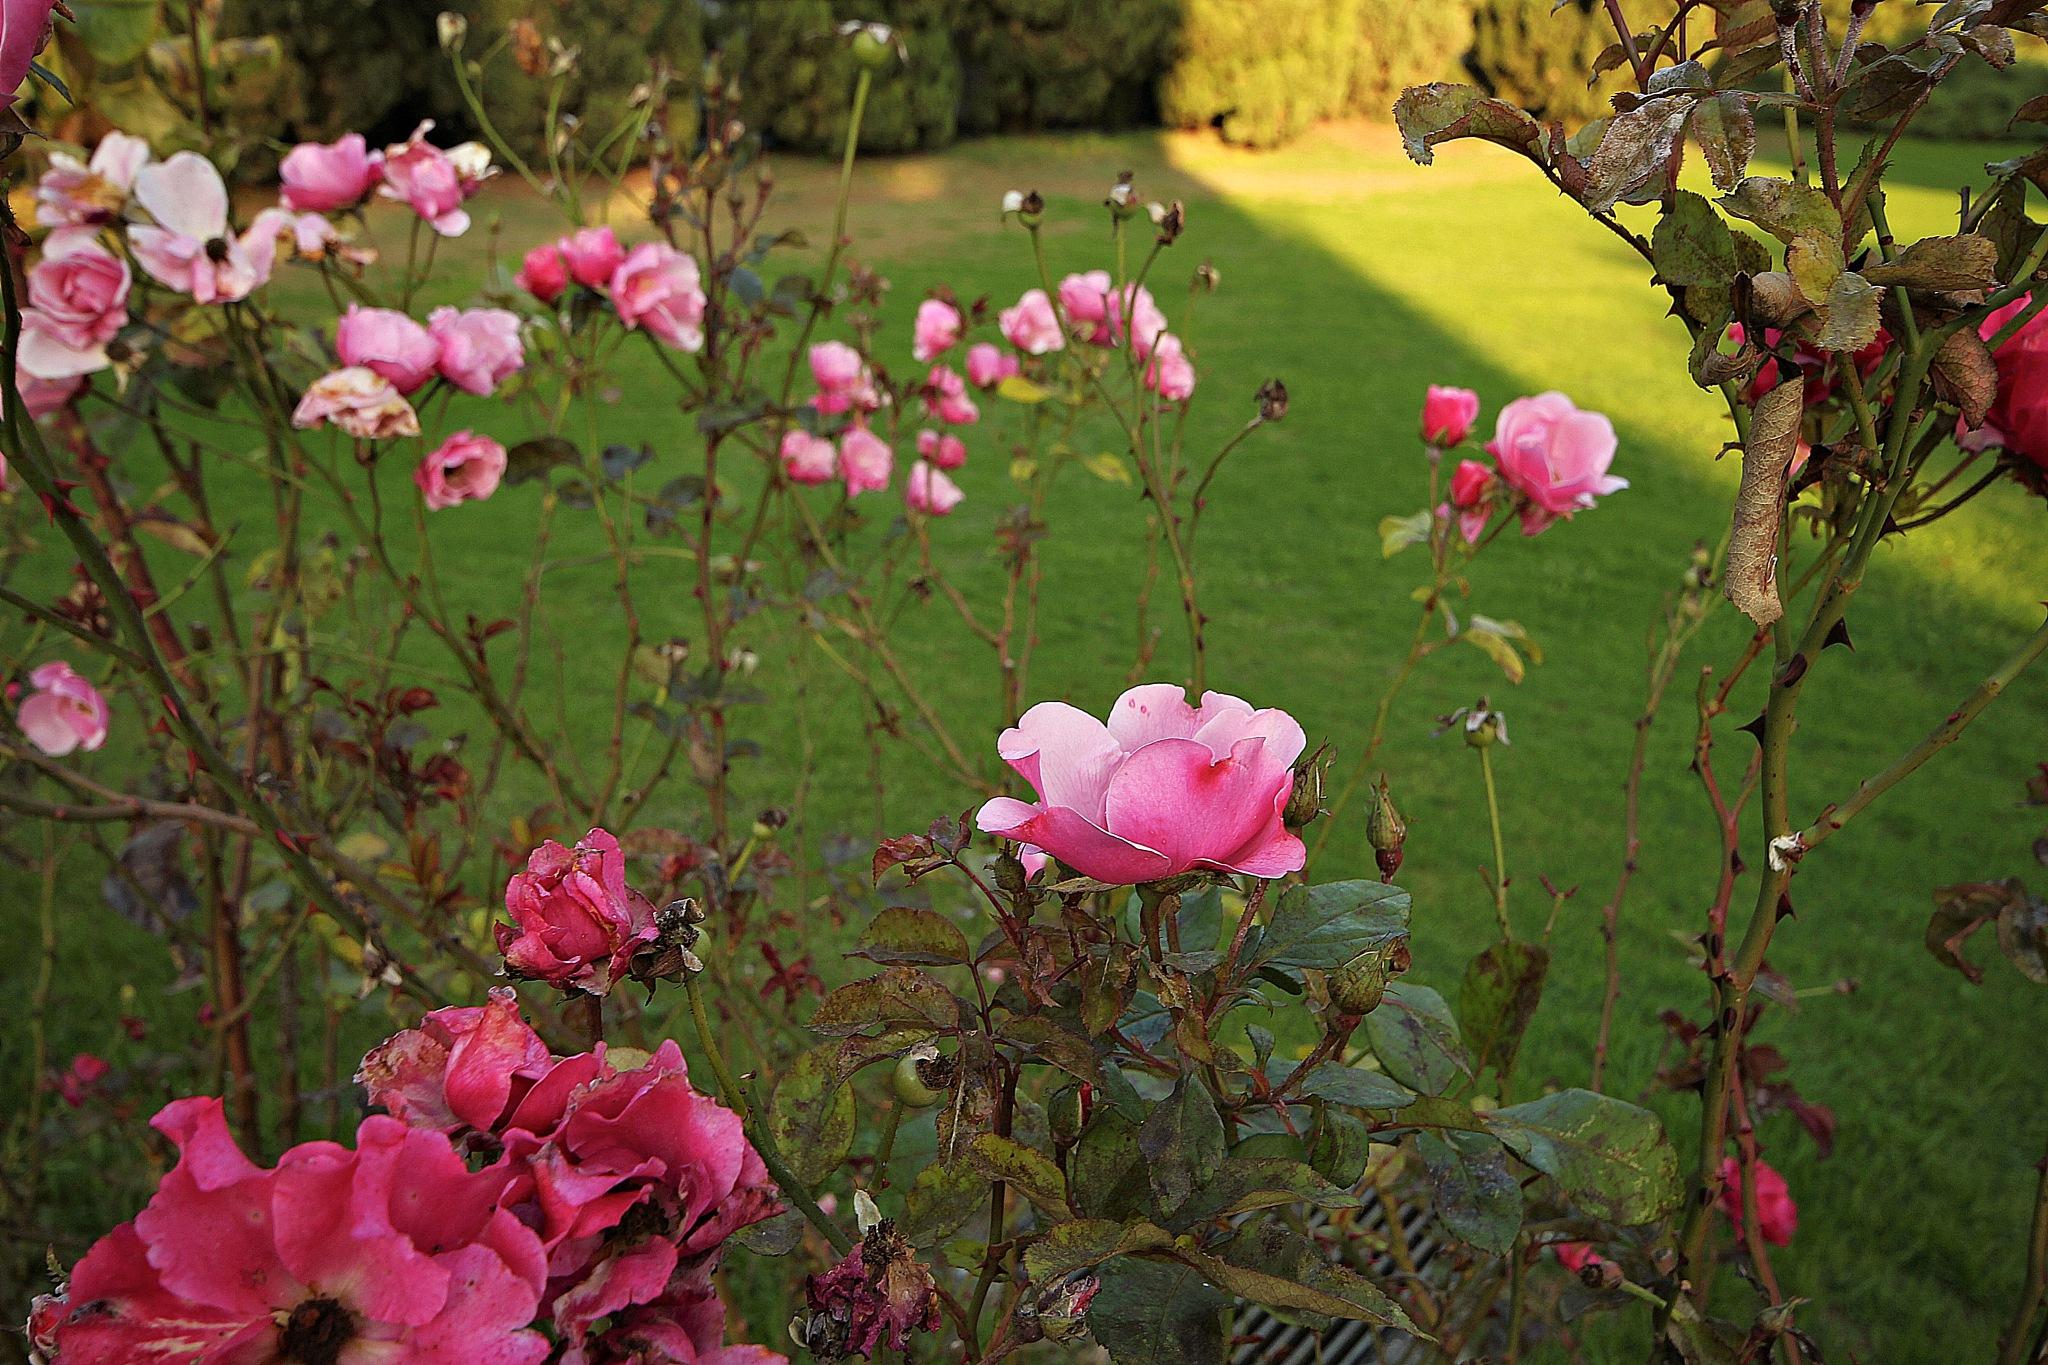 The rose garden by Giuseppe Criseo